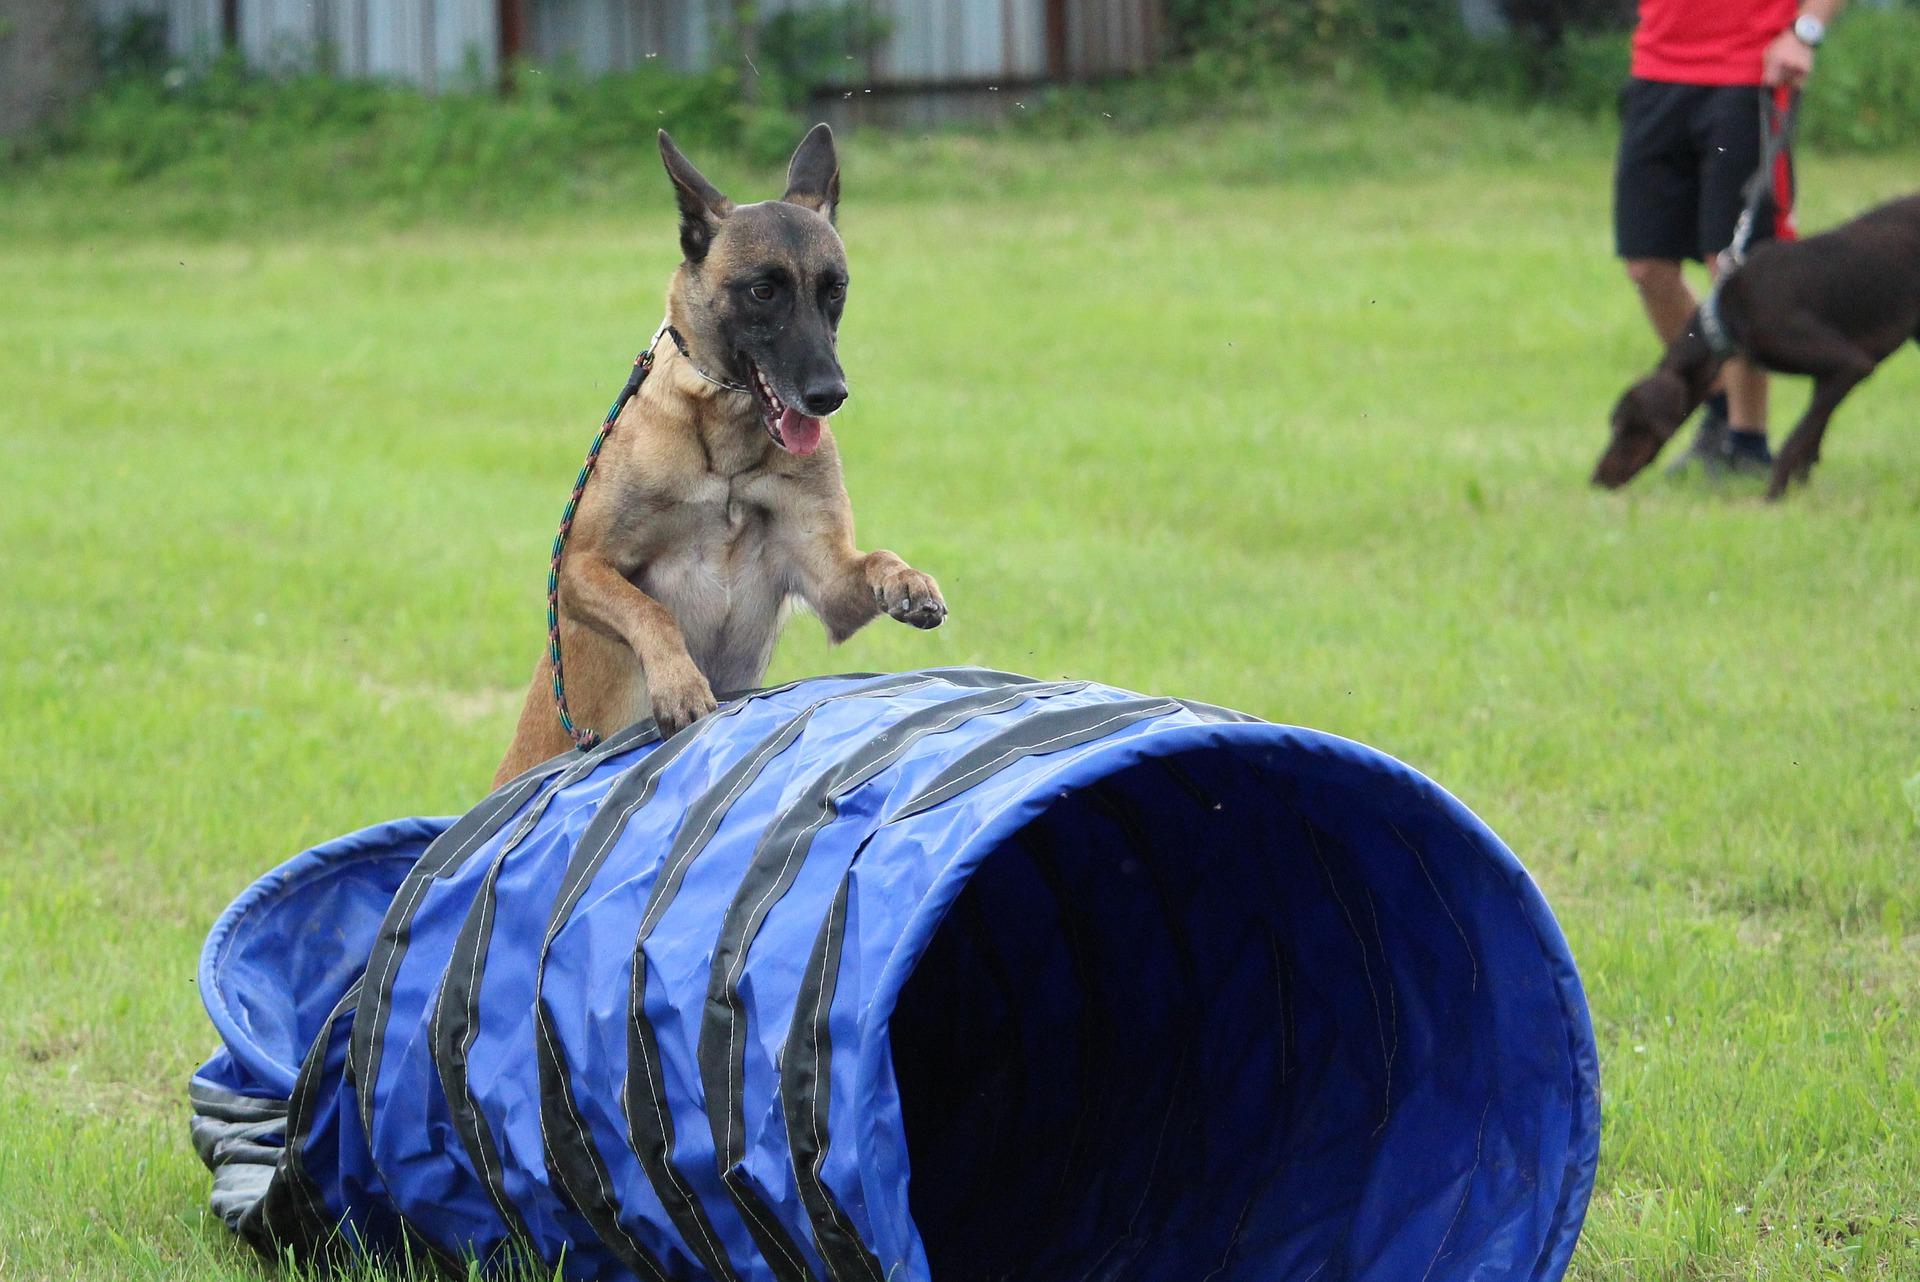 Psy, które na placach zabaw zdobywają wysoki poziom sprawności i dobrze radzą sobie z przeszkodami, mogą być dobrymi kandydatami do zawodów agility.